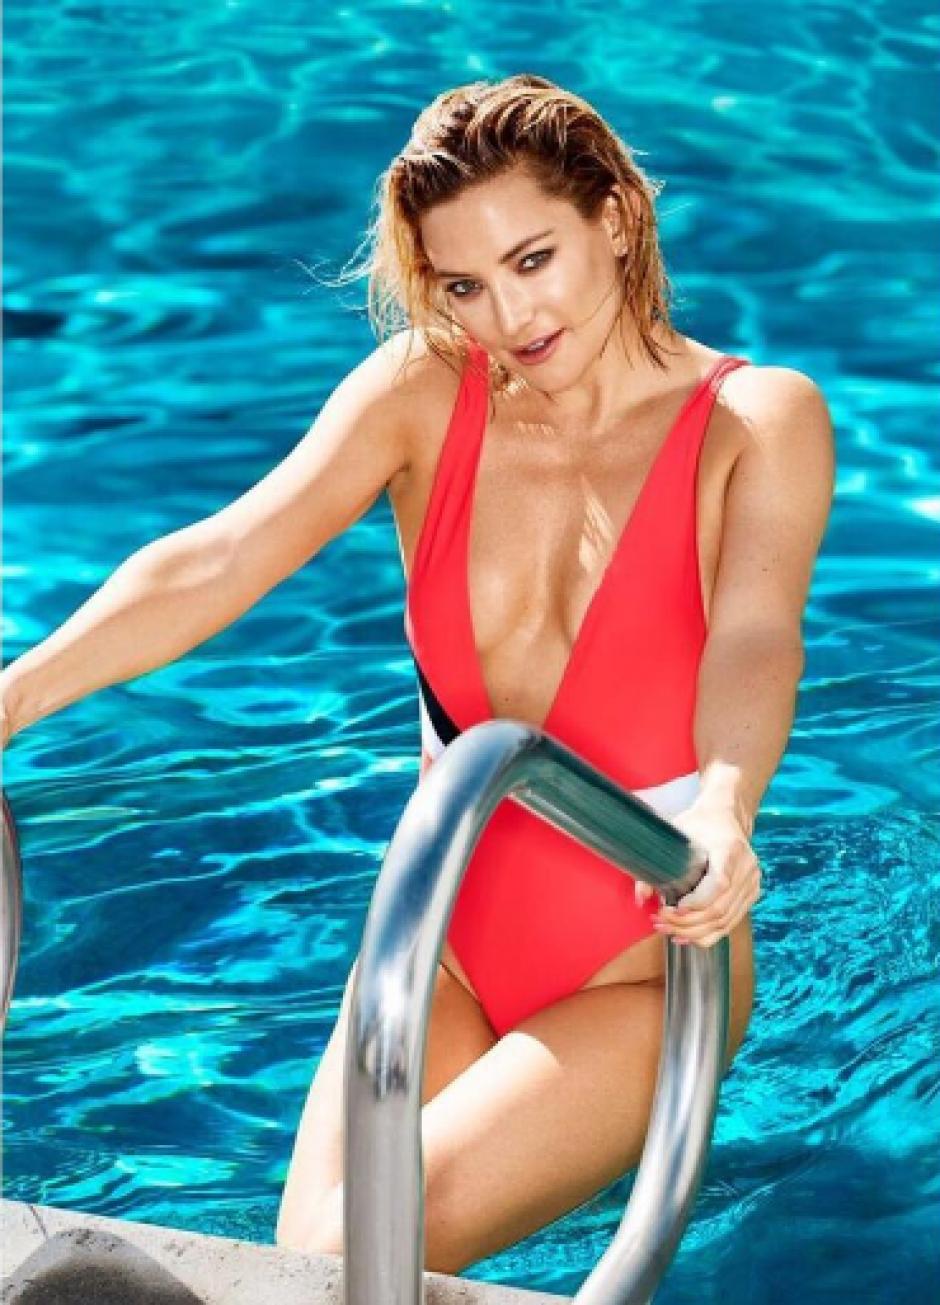 La actriz ya ha posado en varias ocasiones con ropa de playa. (Foto: Instagram)